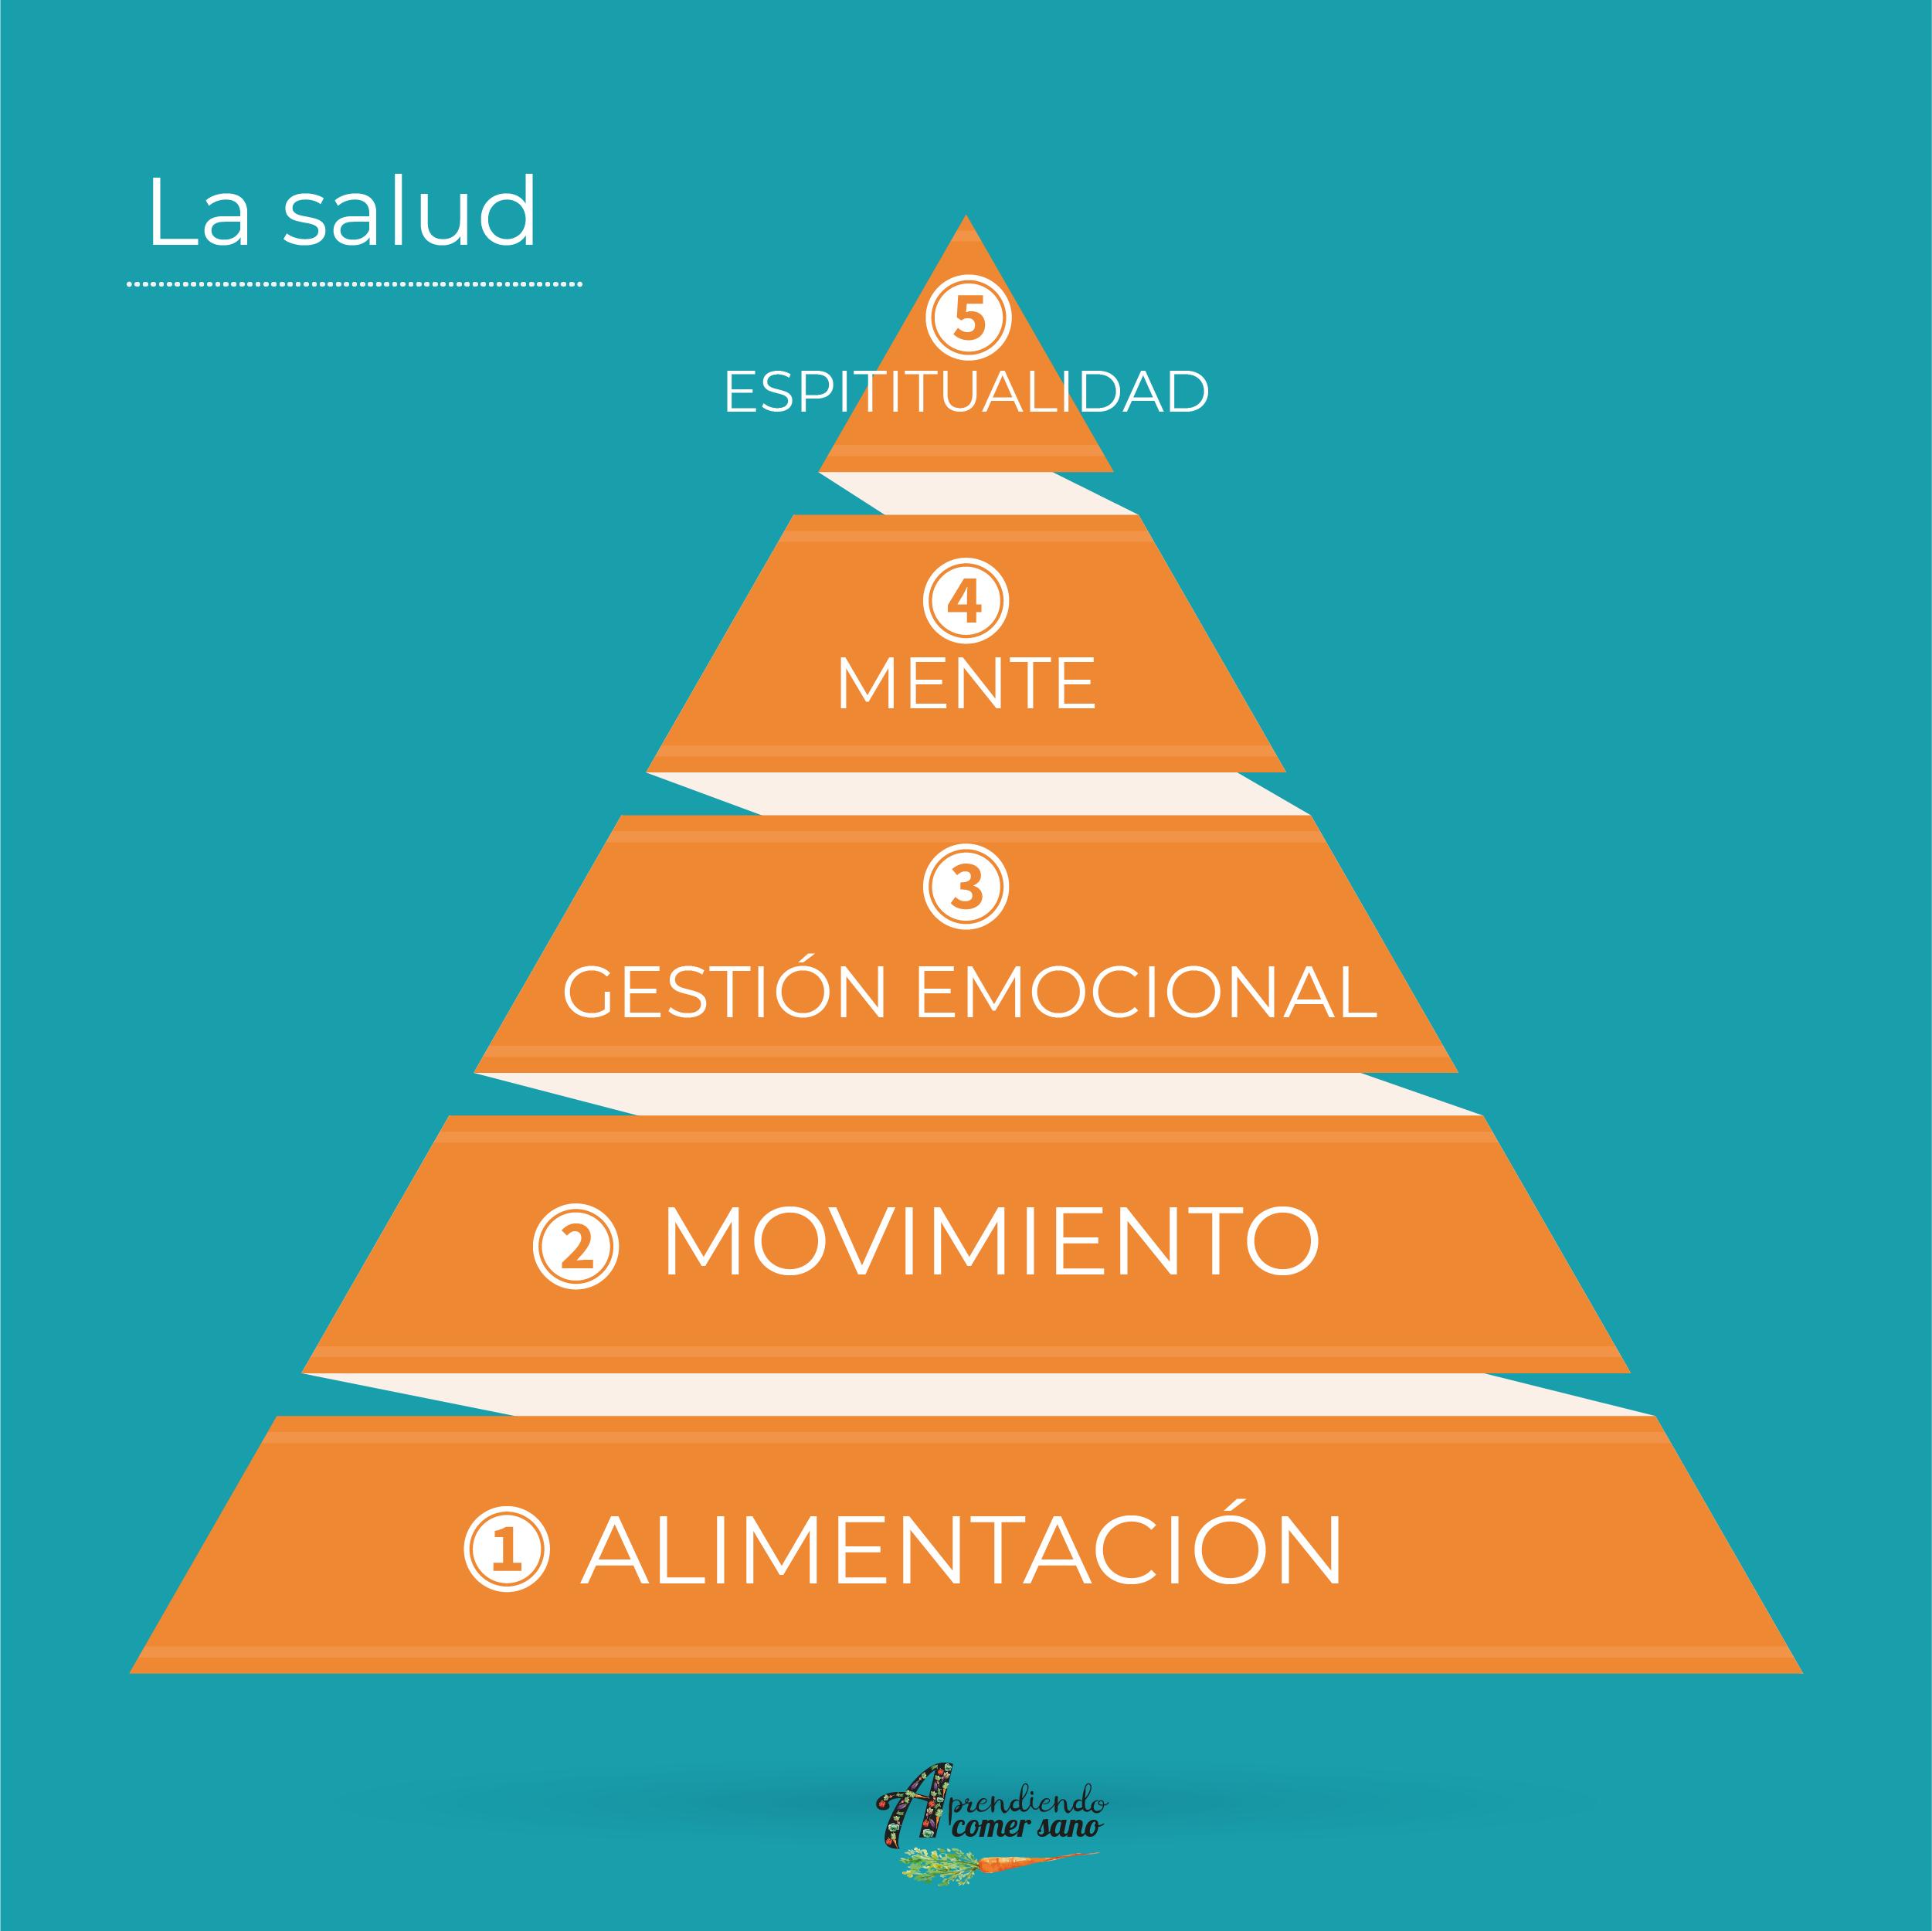 pirámide salud cursos alimentacion saludable